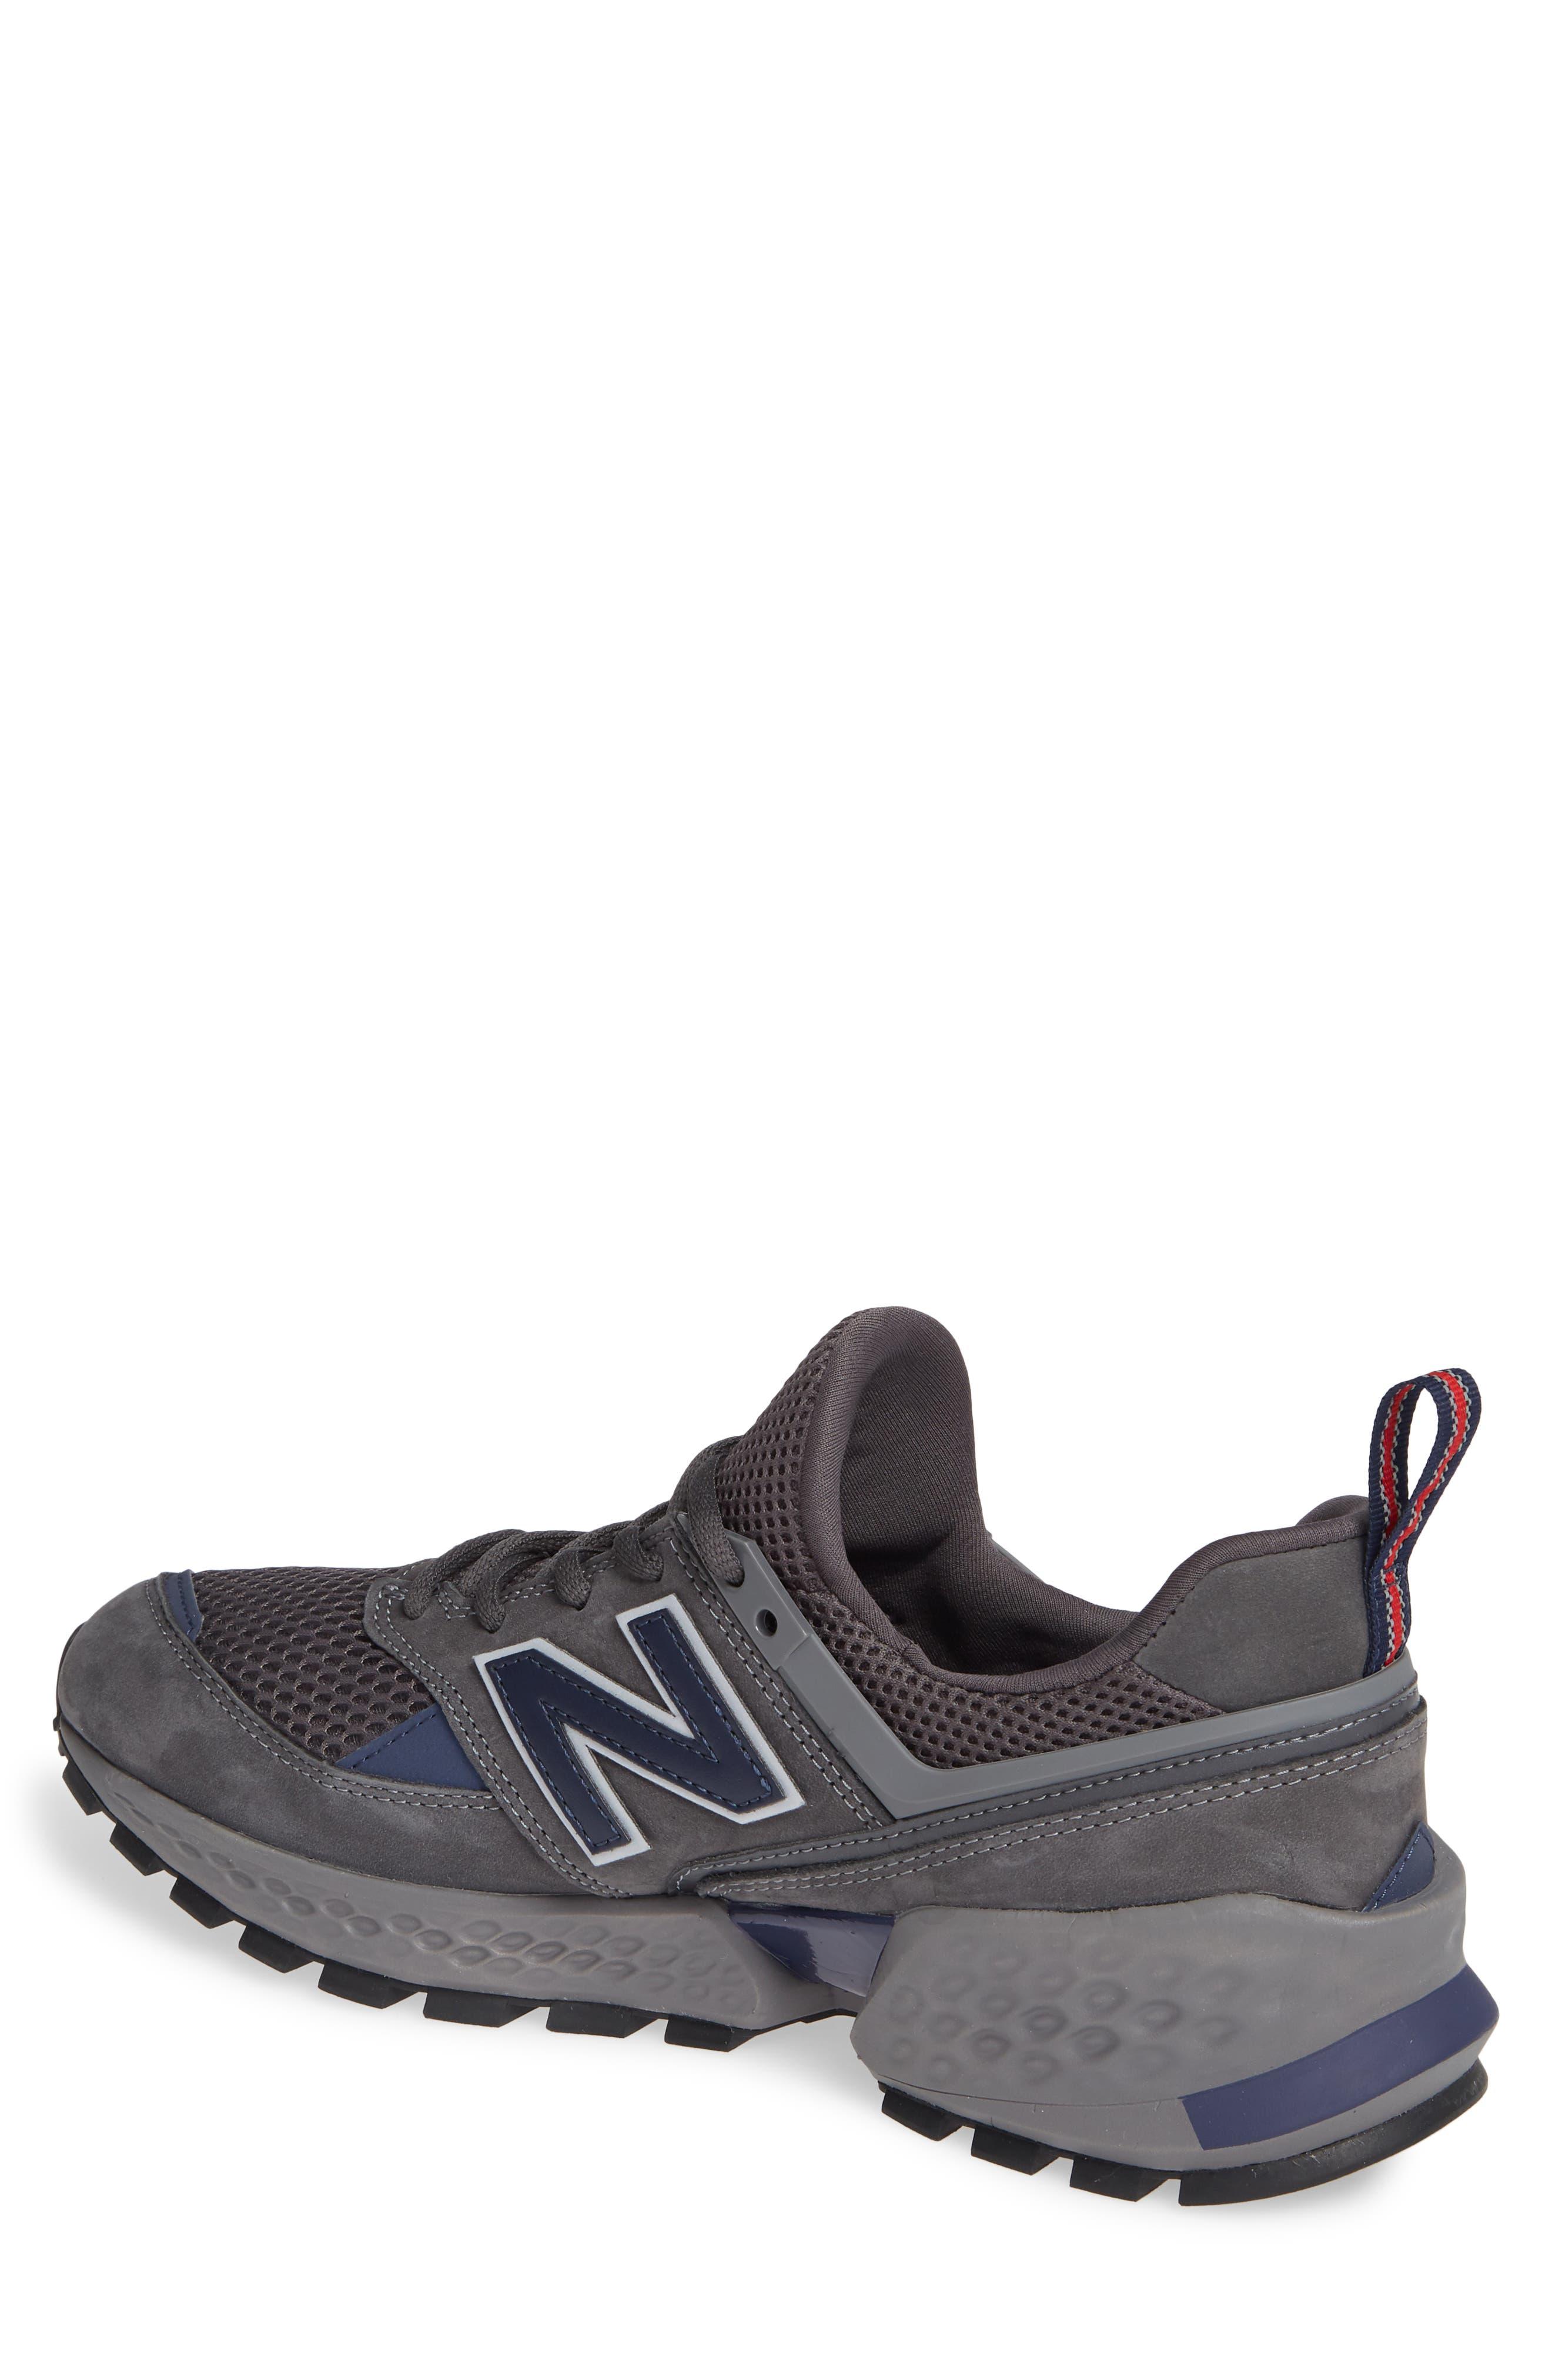 NEW BALANCE, 574 Sport Sneaker, Alternate thumbnail 2, color, MAGNET